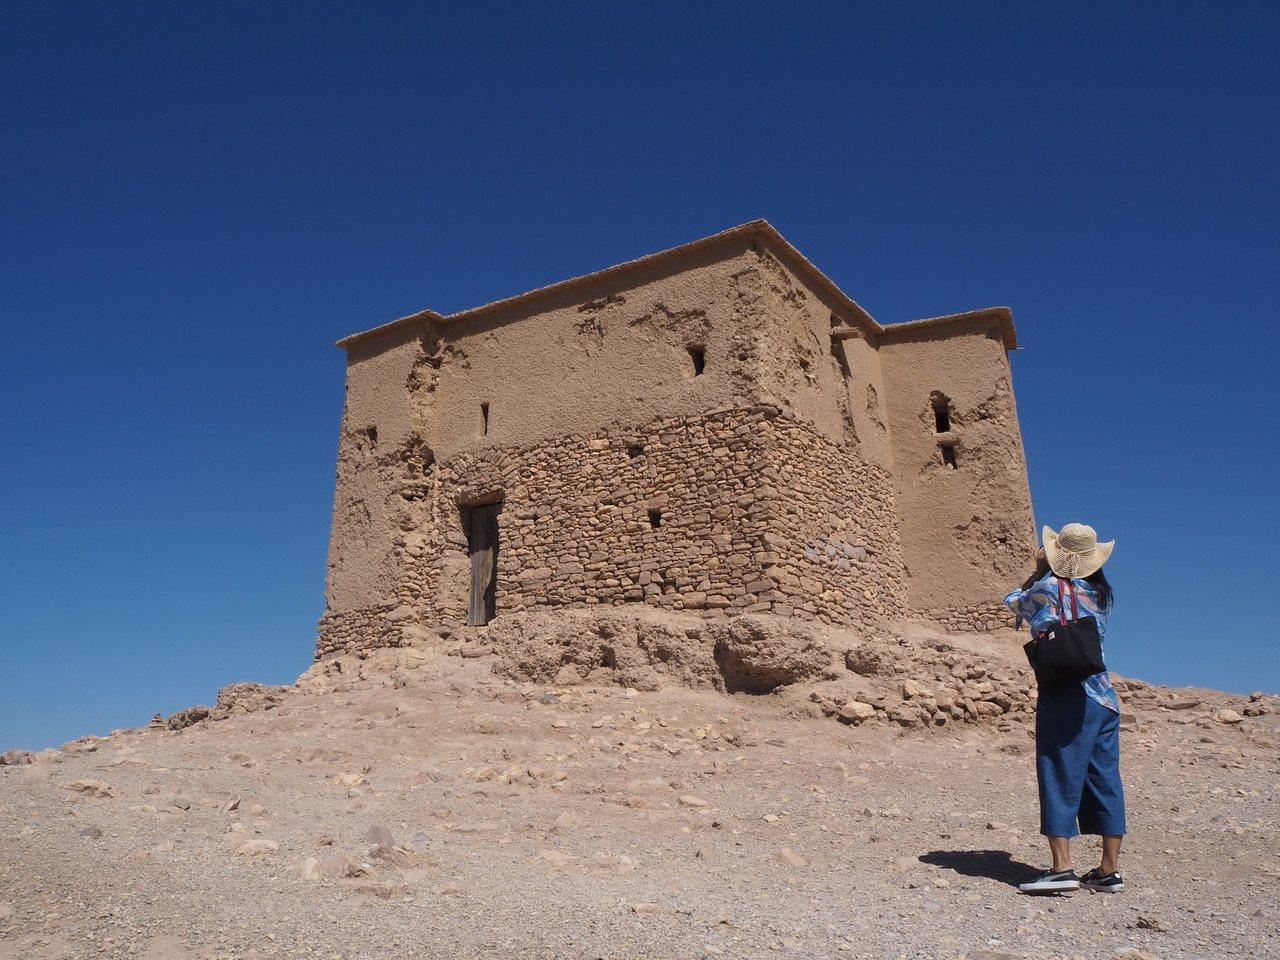 埃本哈杜「攻頂」,僅存此座堡壘。記者羅建怡/攝影